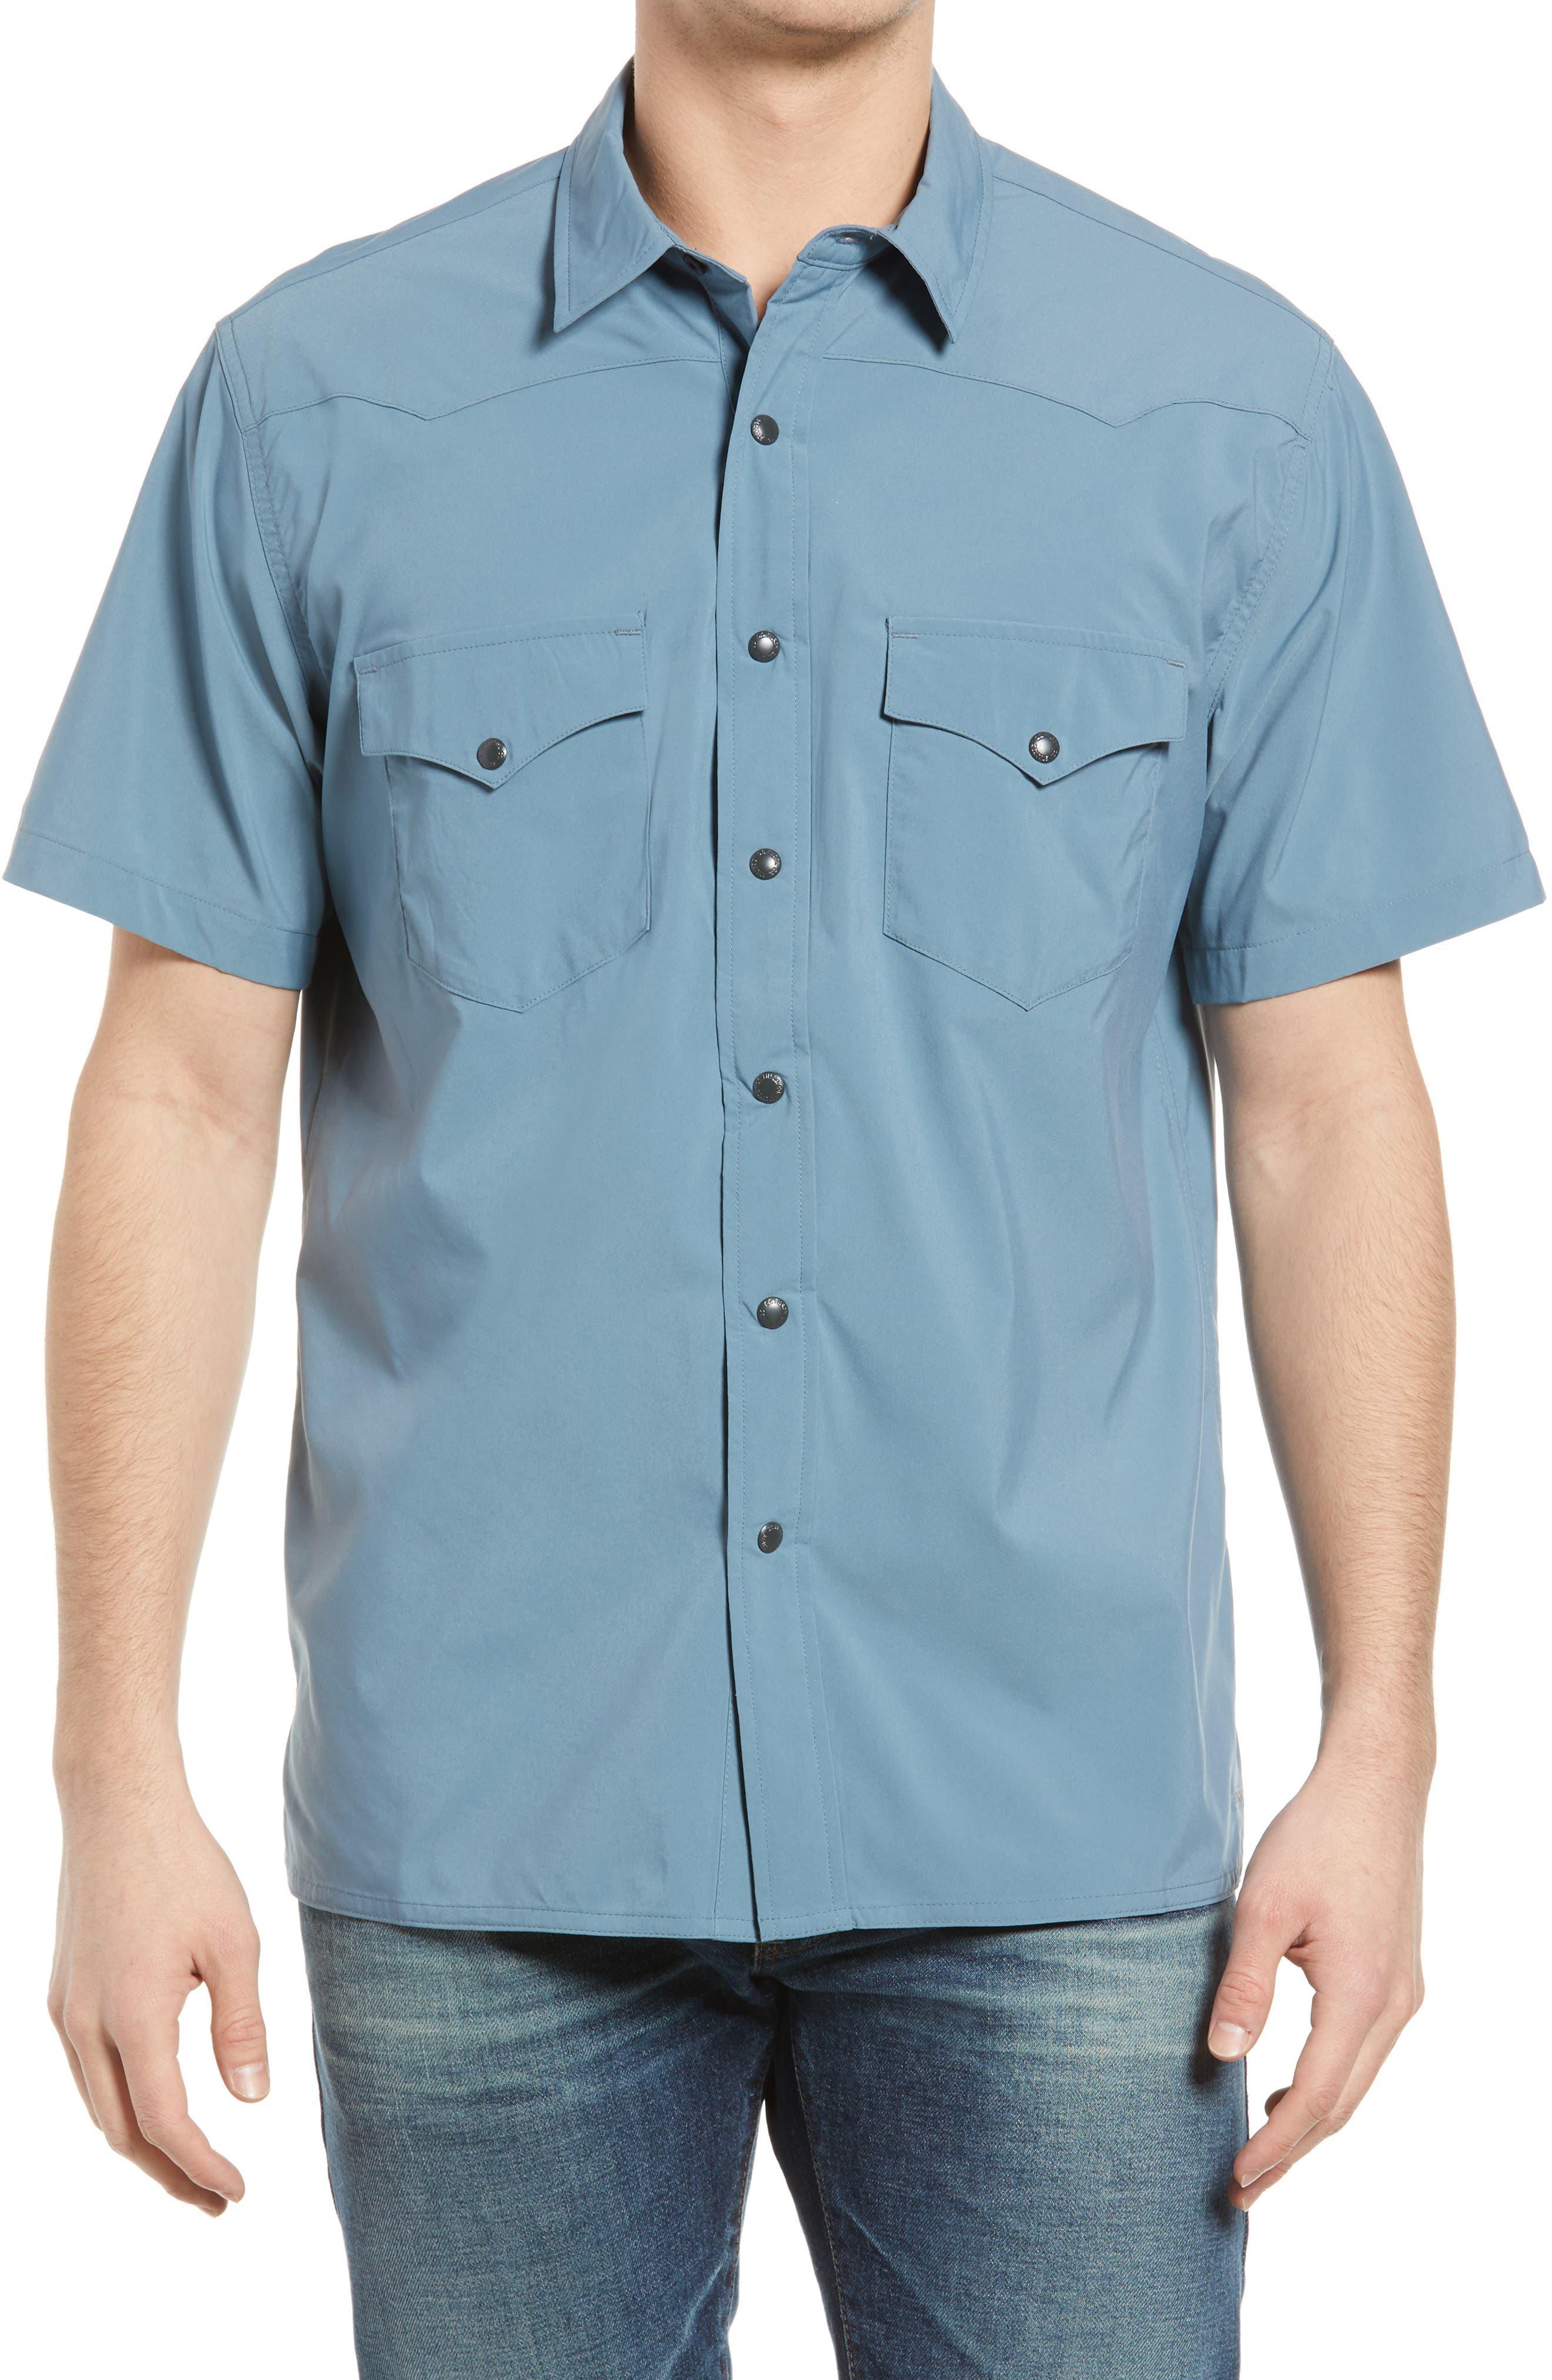 Twin Lakes Short Sleeve Snap Front Shirt